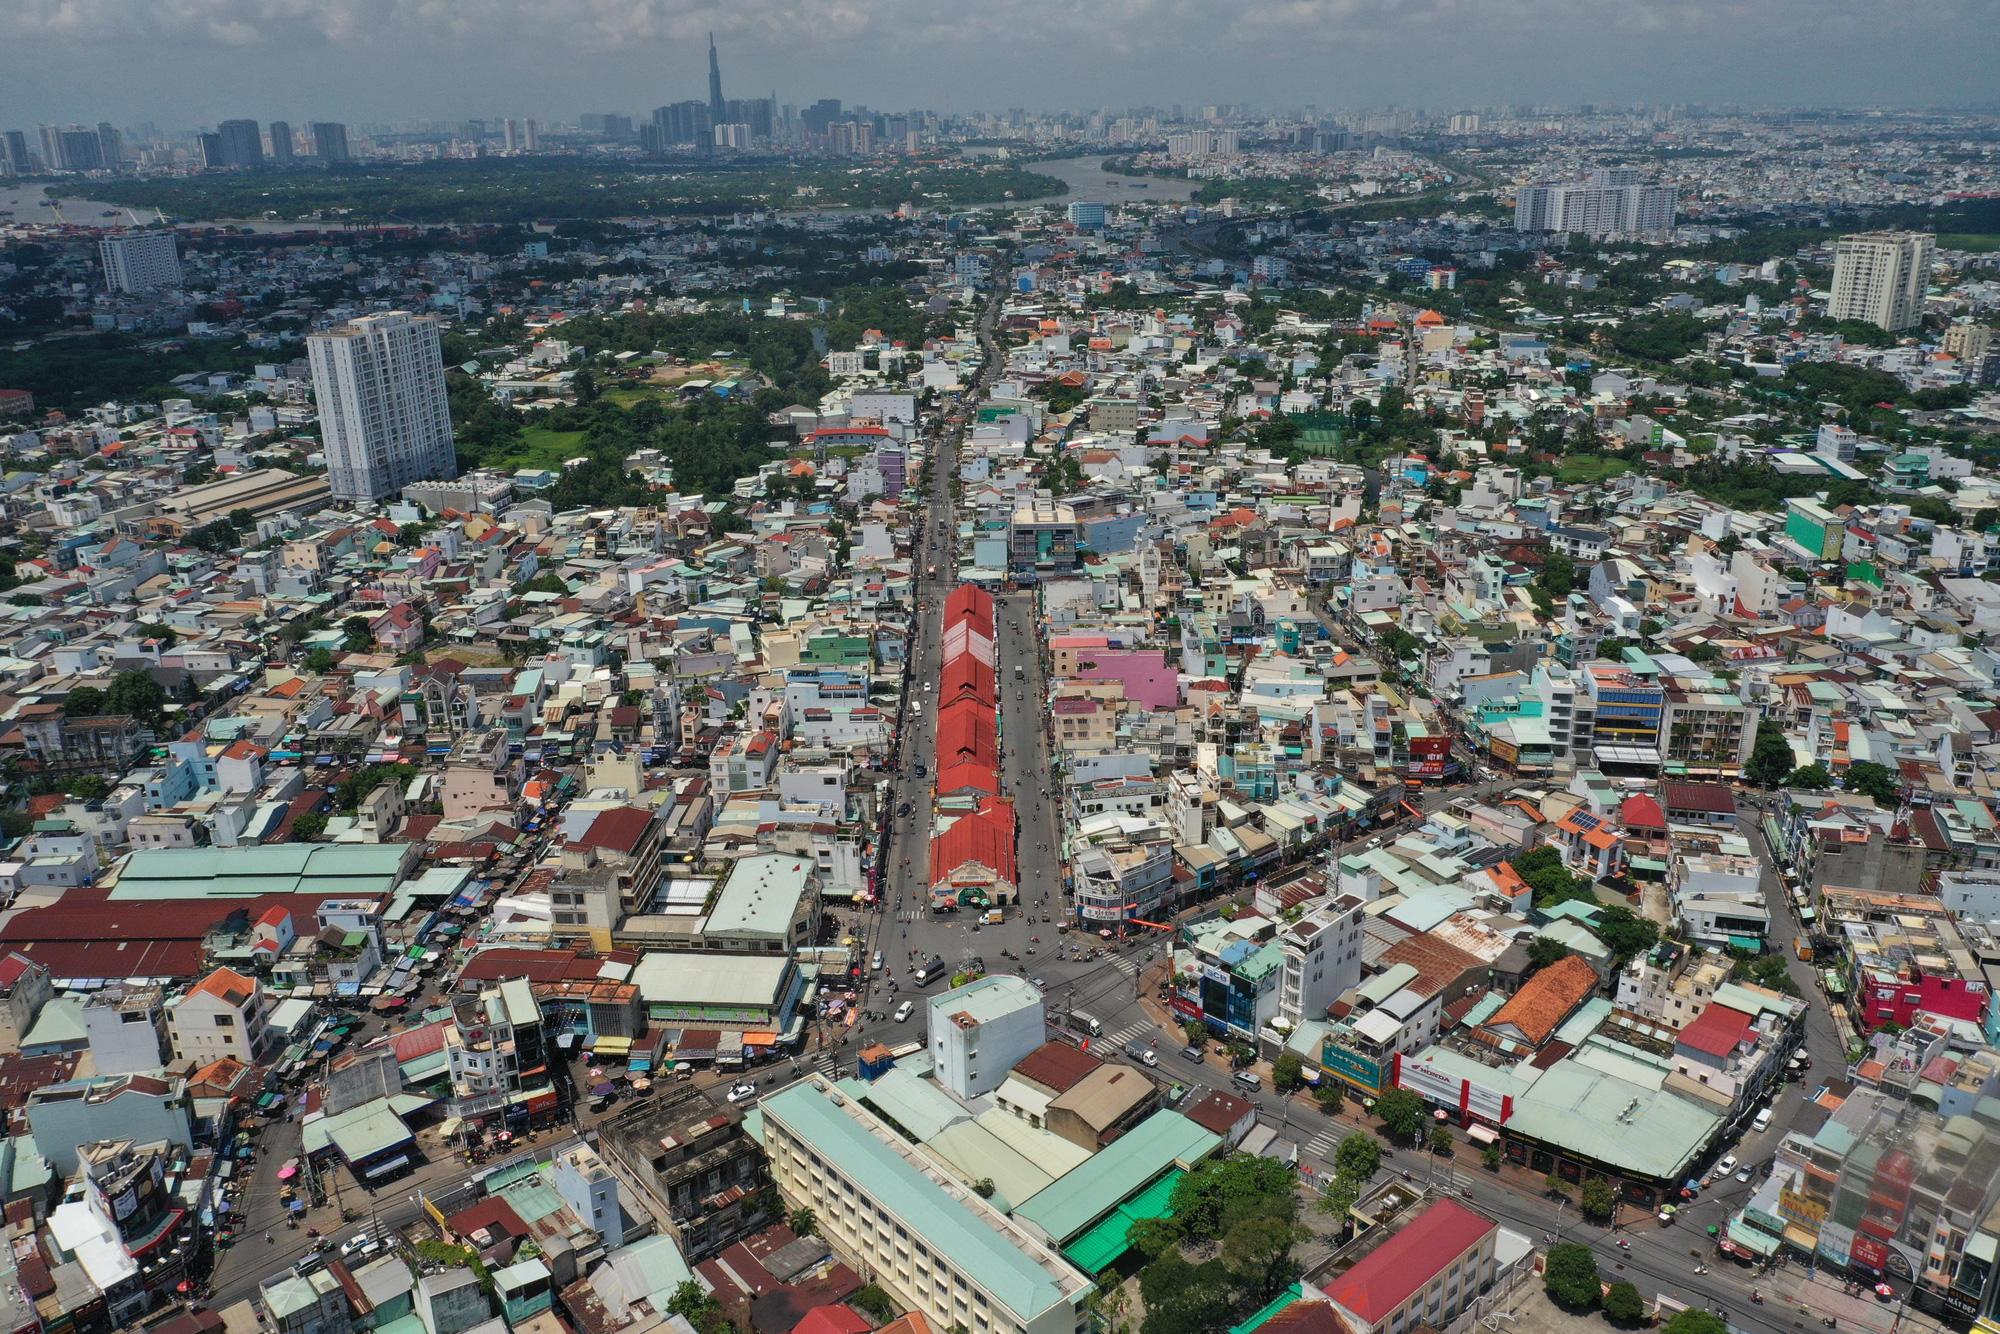 Giá đất Trường Thọ tăng vọt theo đề án thành phố Thủ Đức - Ảnh 2.